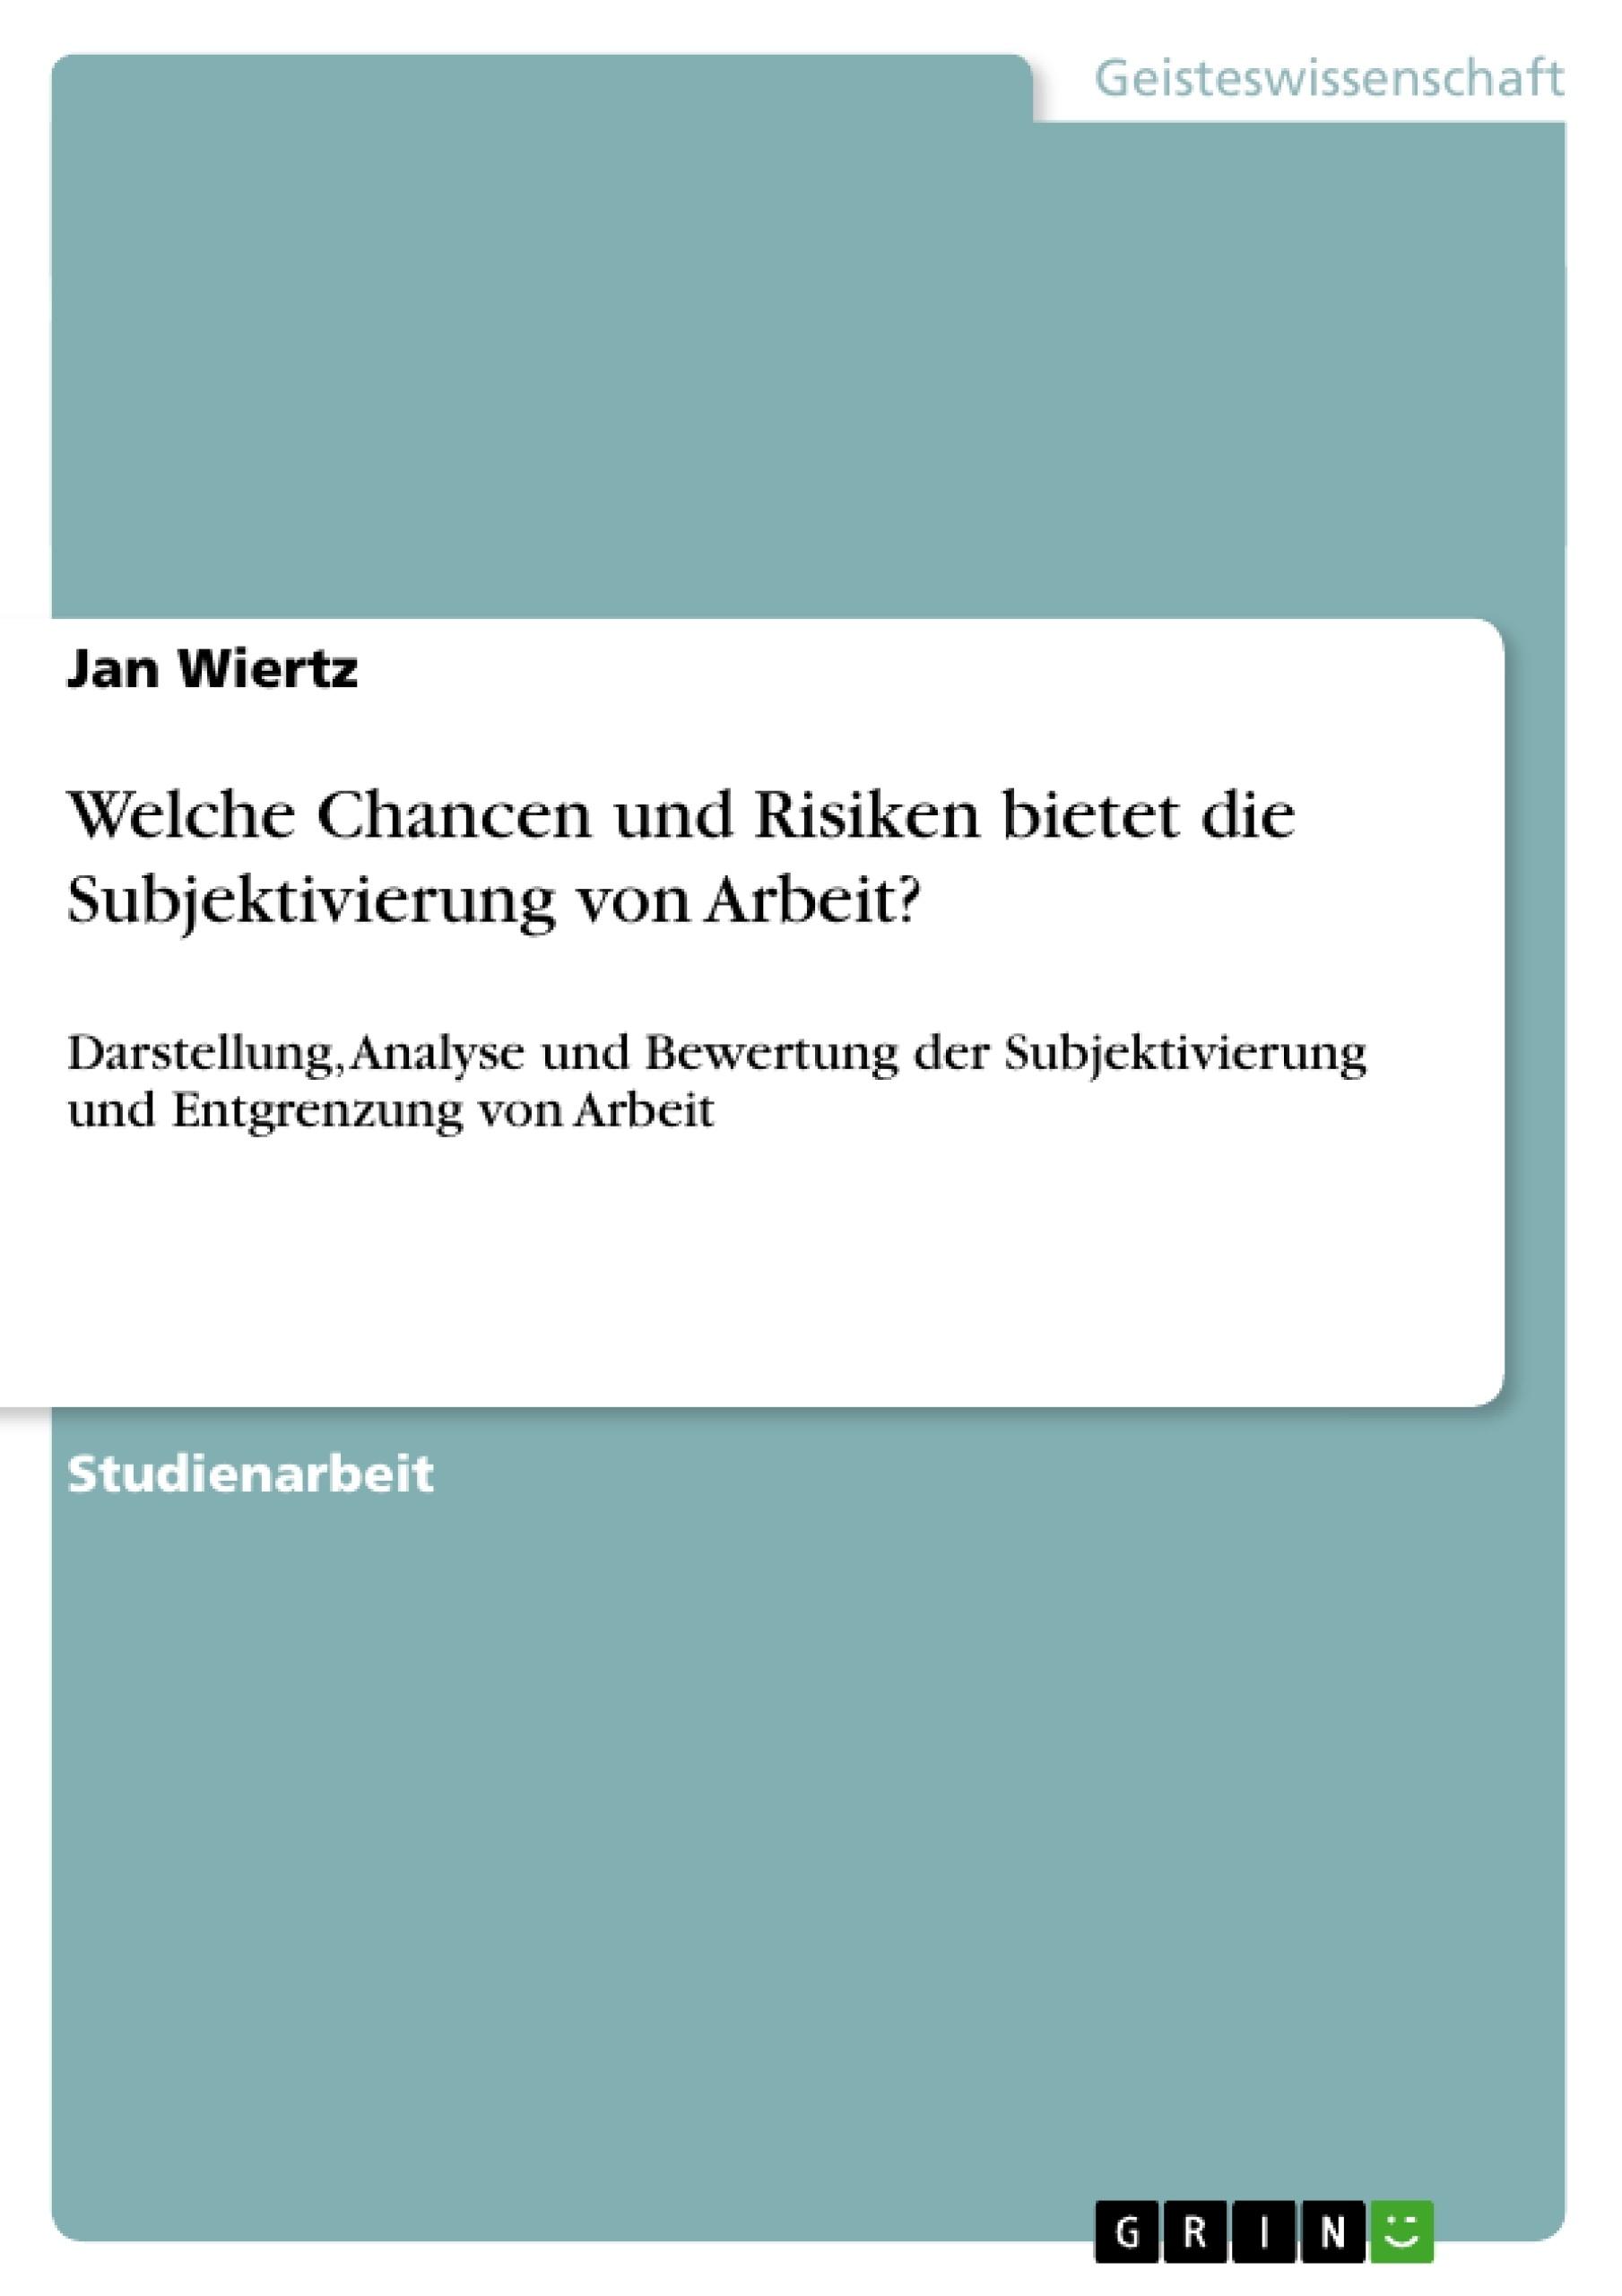 Titel: Welche Chancen und Risiken bietet die Subjektivierung von Arbeit?